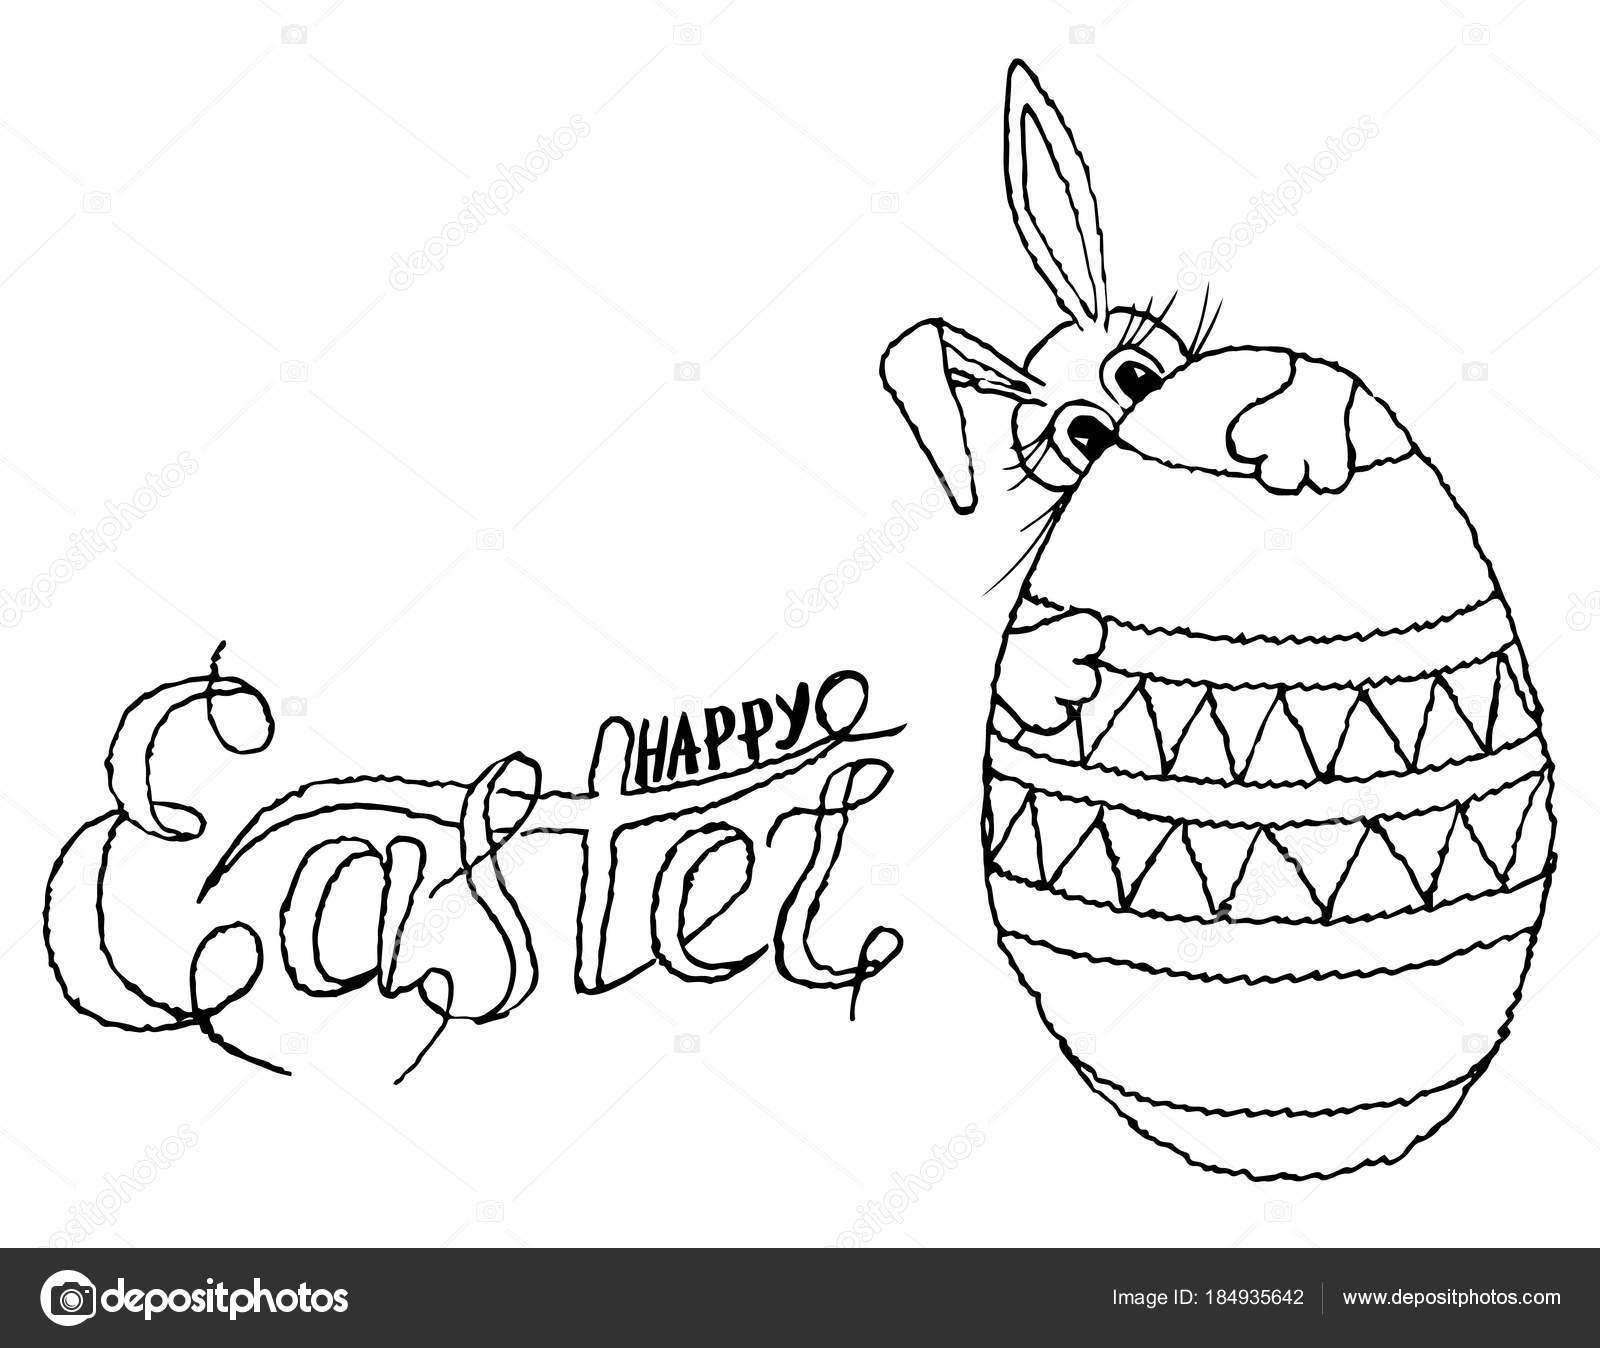 Dibujos Conejo De Pascuas Para Imprimir Letras Feliz Pascua Huevo